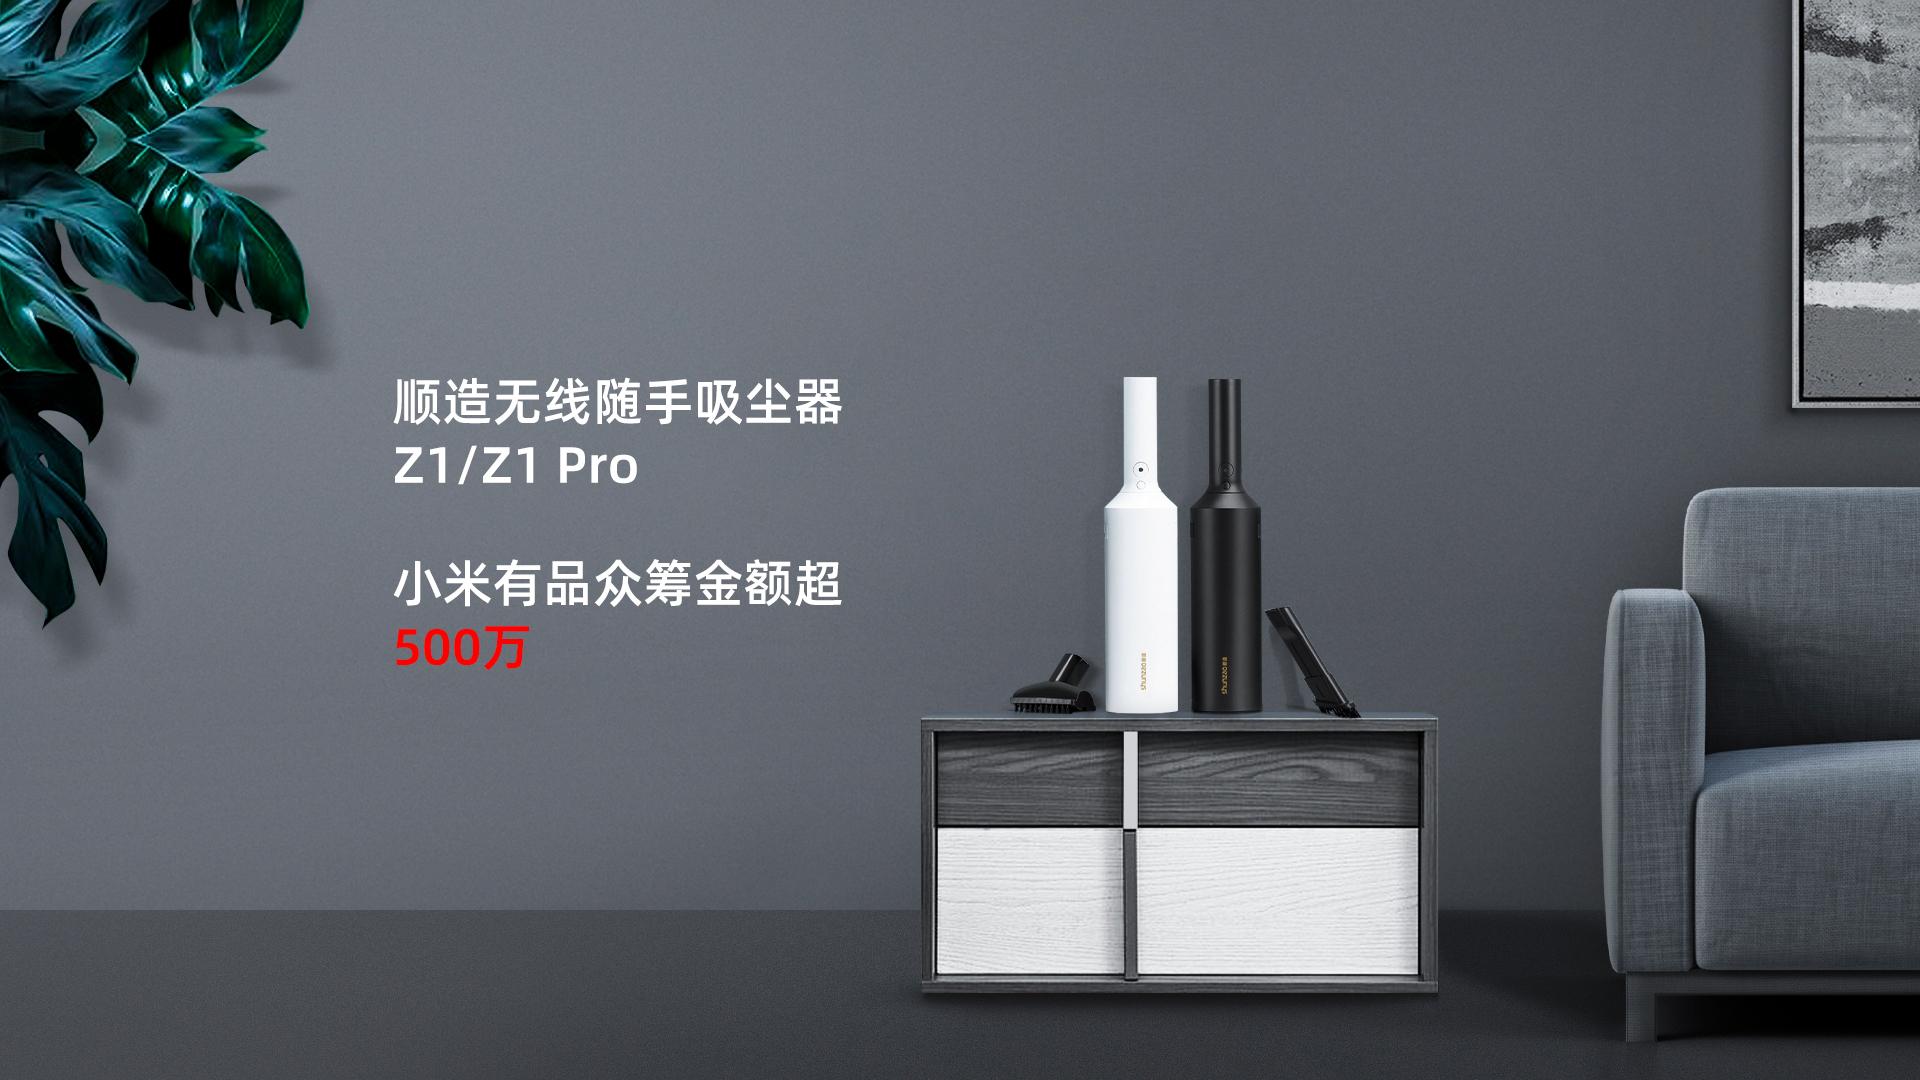 36氪首发 | 定位高端清洁家电厂商,「顺造科技」获小米集团战略融资